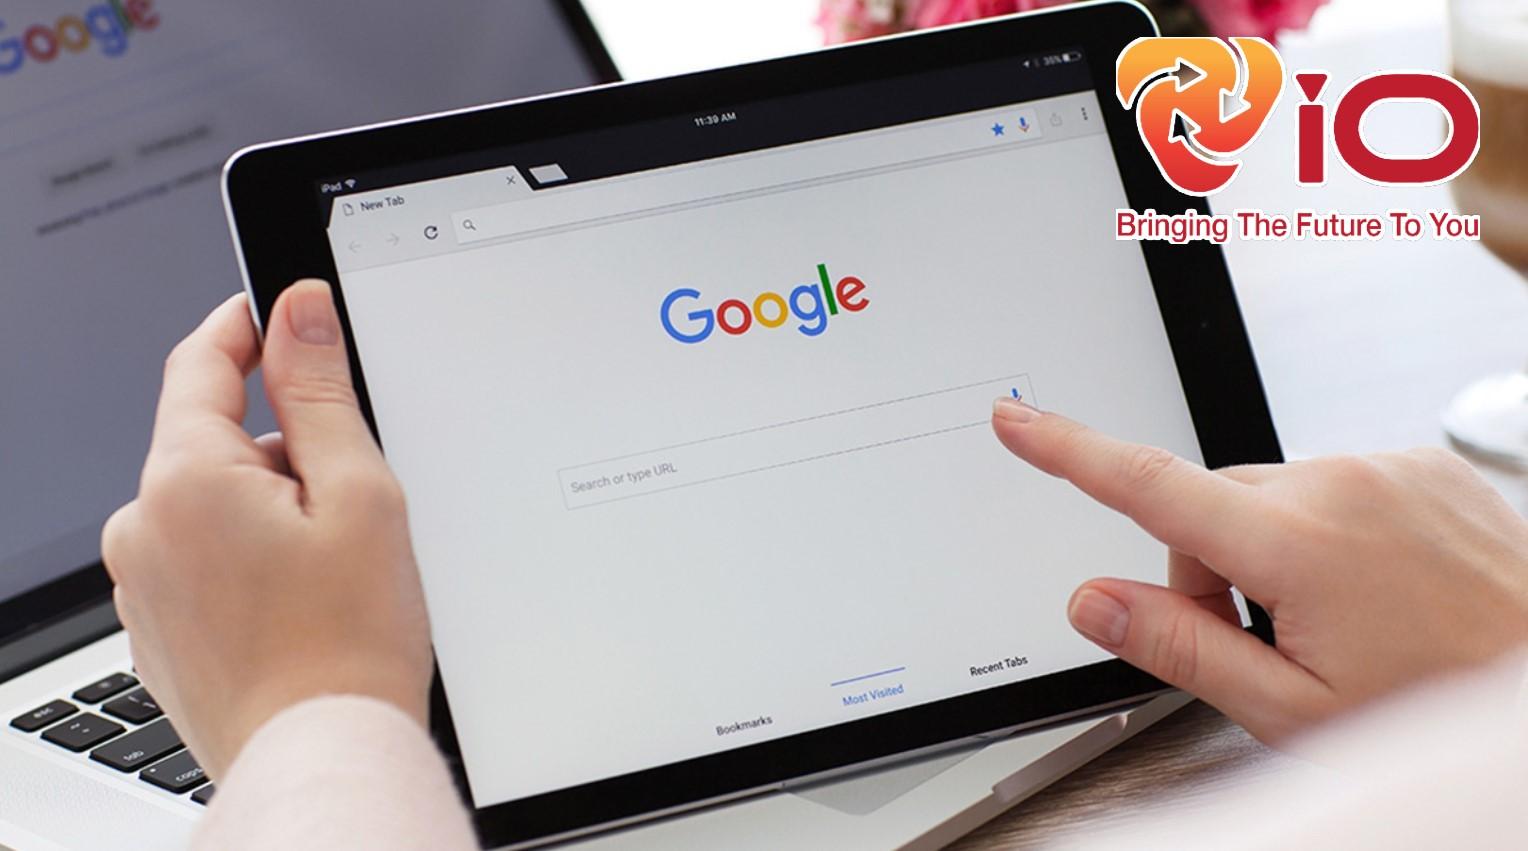 Việt Nam đang tìm kiếm điều gì trên Google?